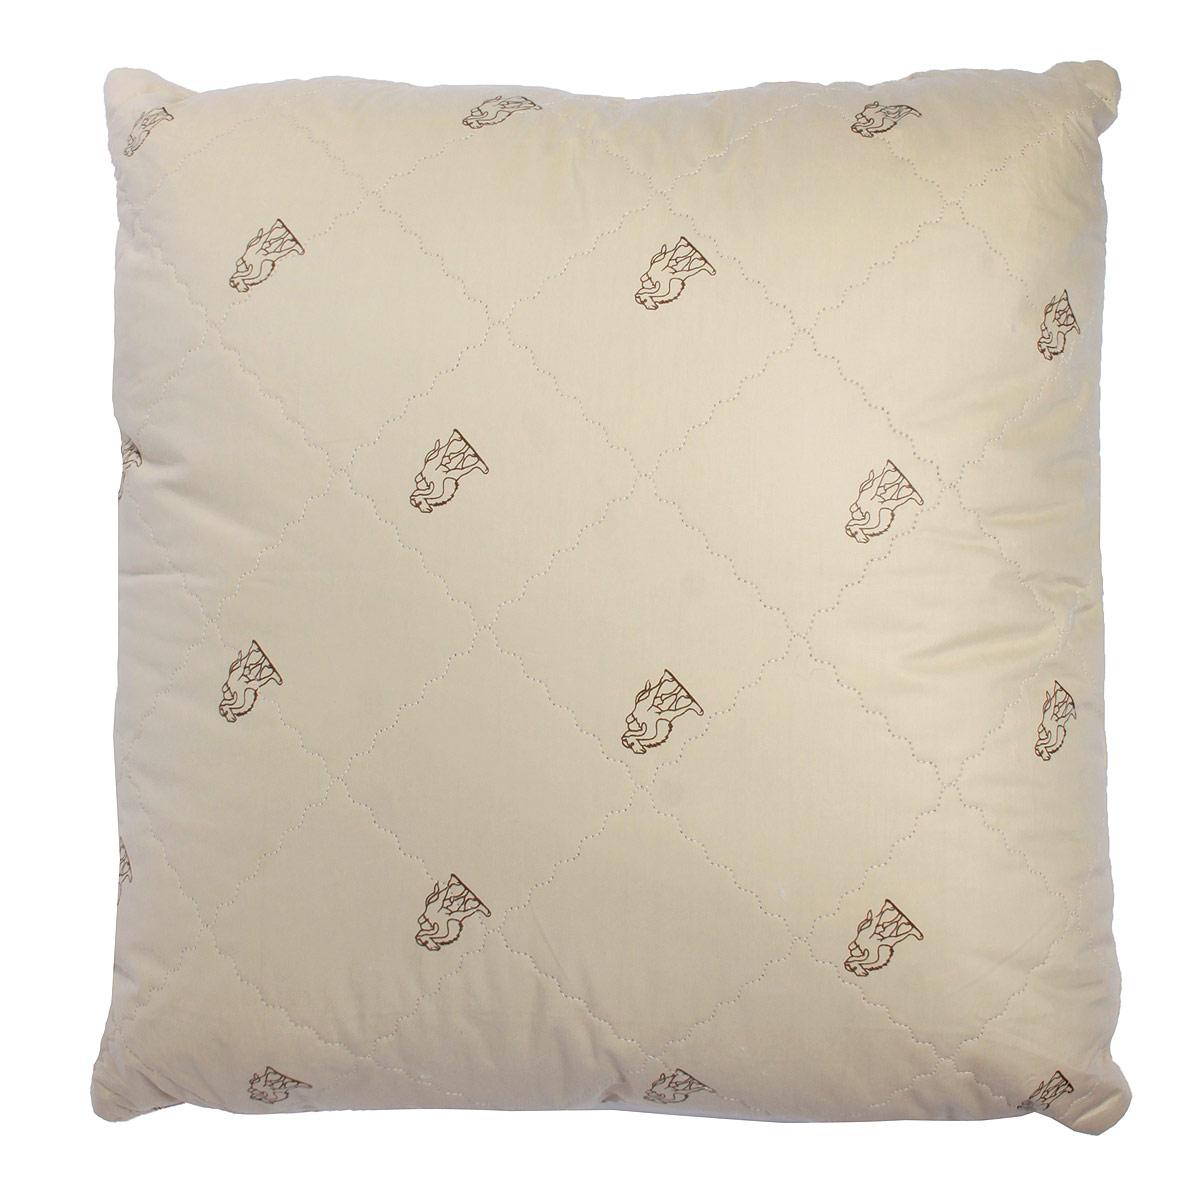 Подушка Verossa, наполнитель: верблюжья шерсть, 70 х 70 см подушки sova and javoronok подушка 70 70 верблюжья шерсть